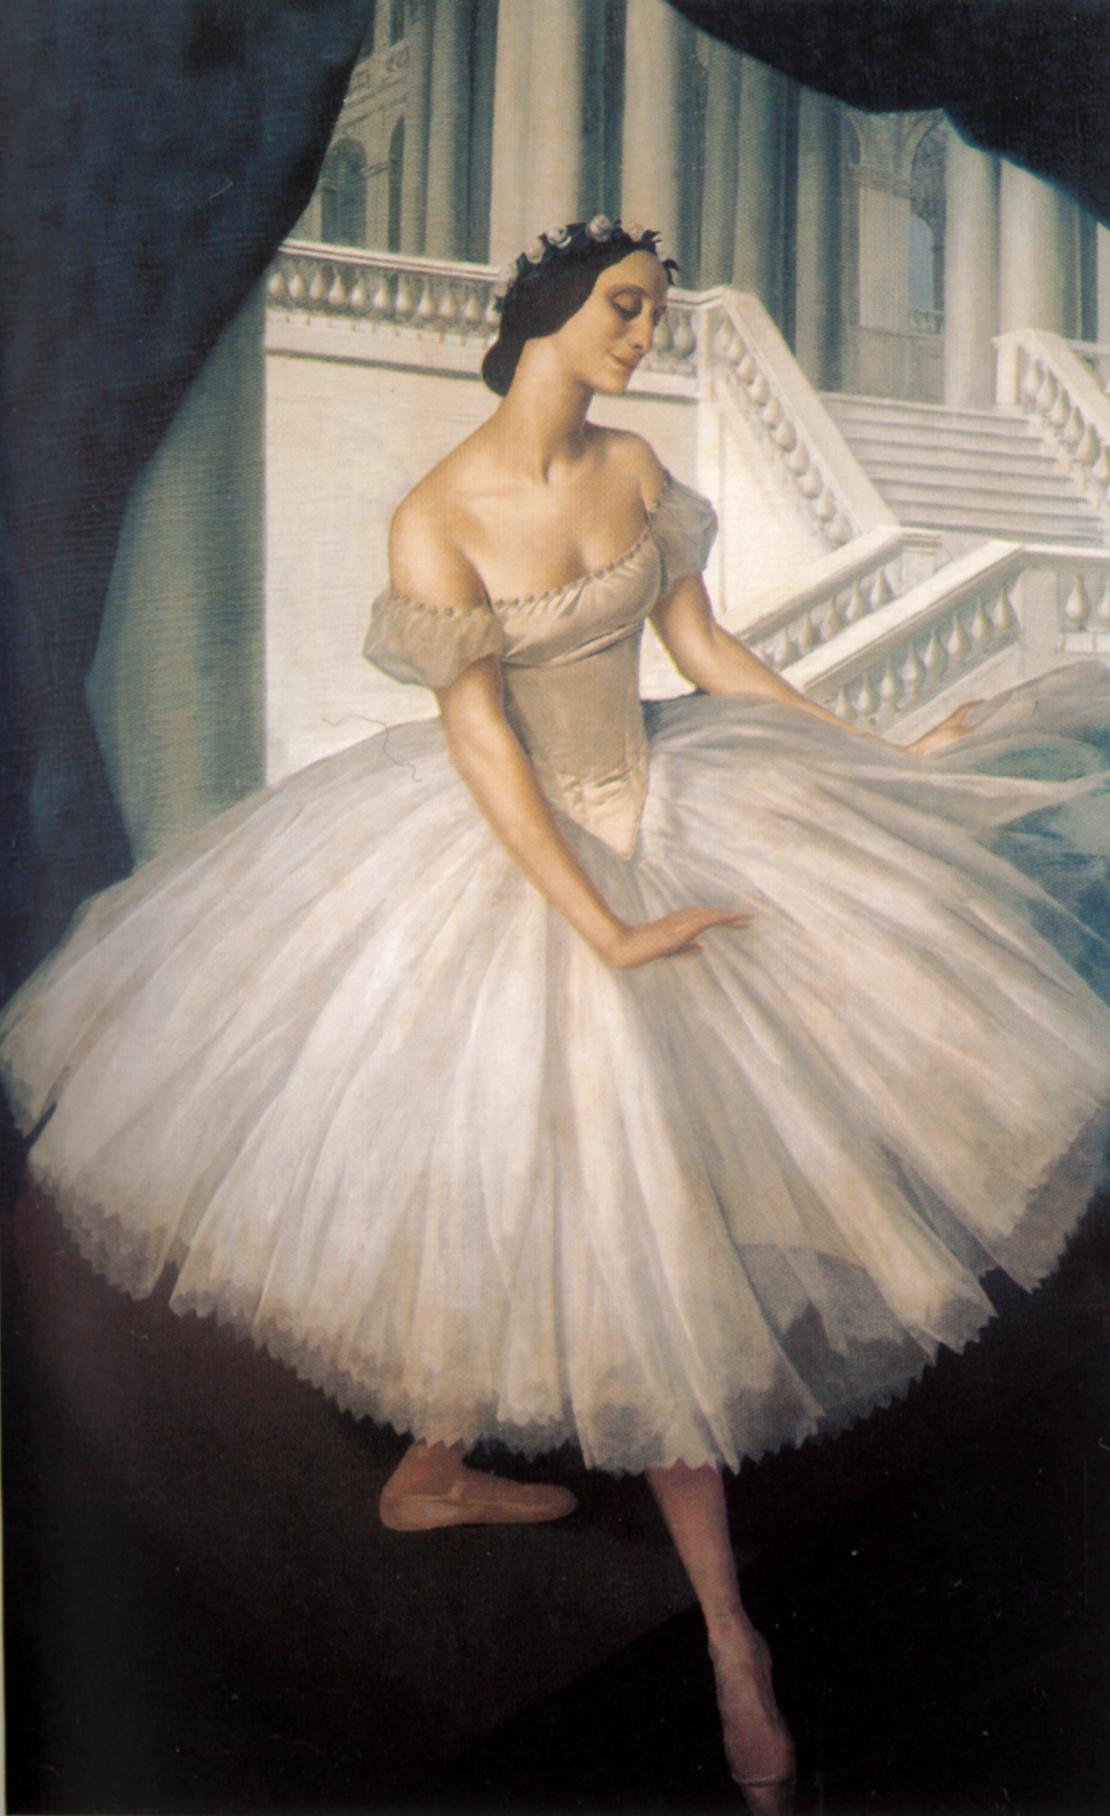 http://l-files.livejournal.net/tretyakov_artwork/yakovlev_ae_portret_baleriny_anny_pavlovoy.jpg